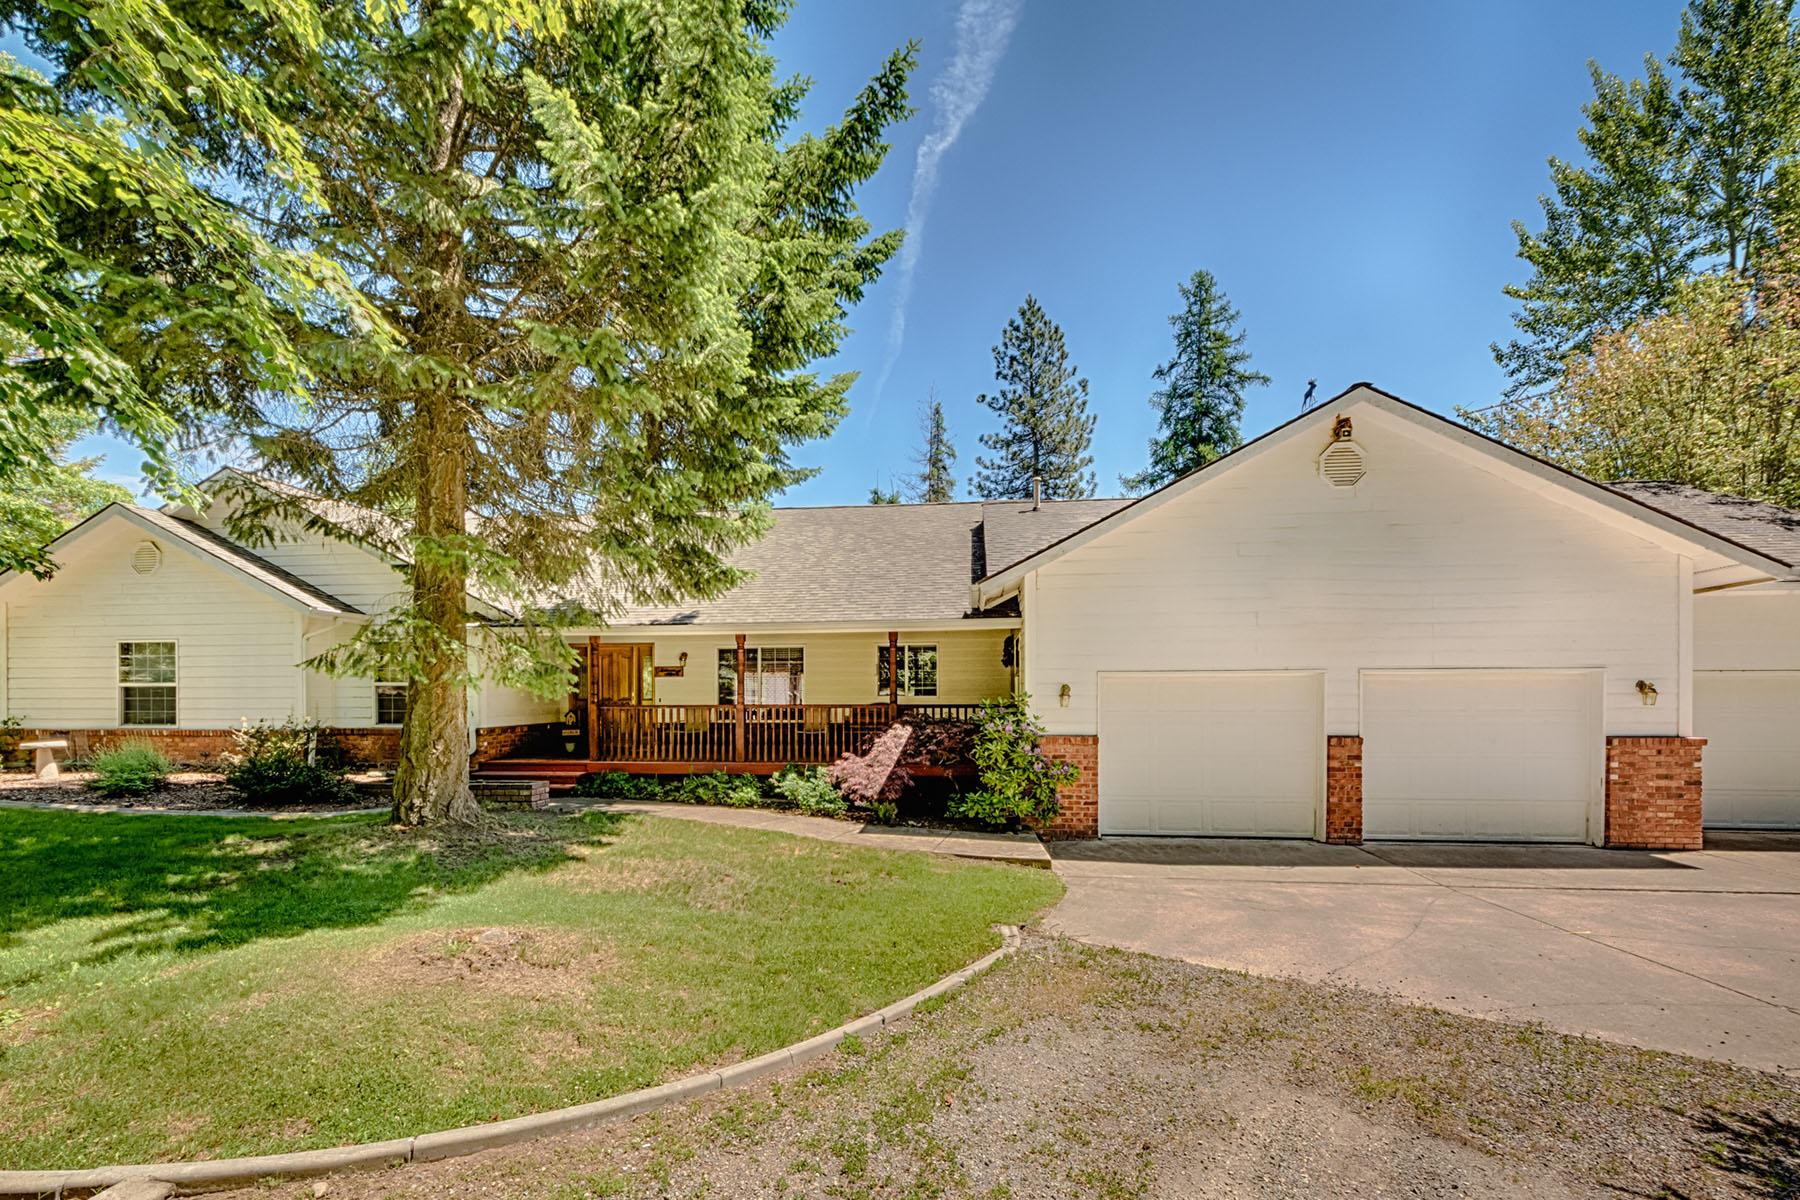 단독 가정 주택 용 매매 에 Secondary Waterfront Horse property 12524 N CHICKEN POINT RD Hayden, 아이다호 83835 미국